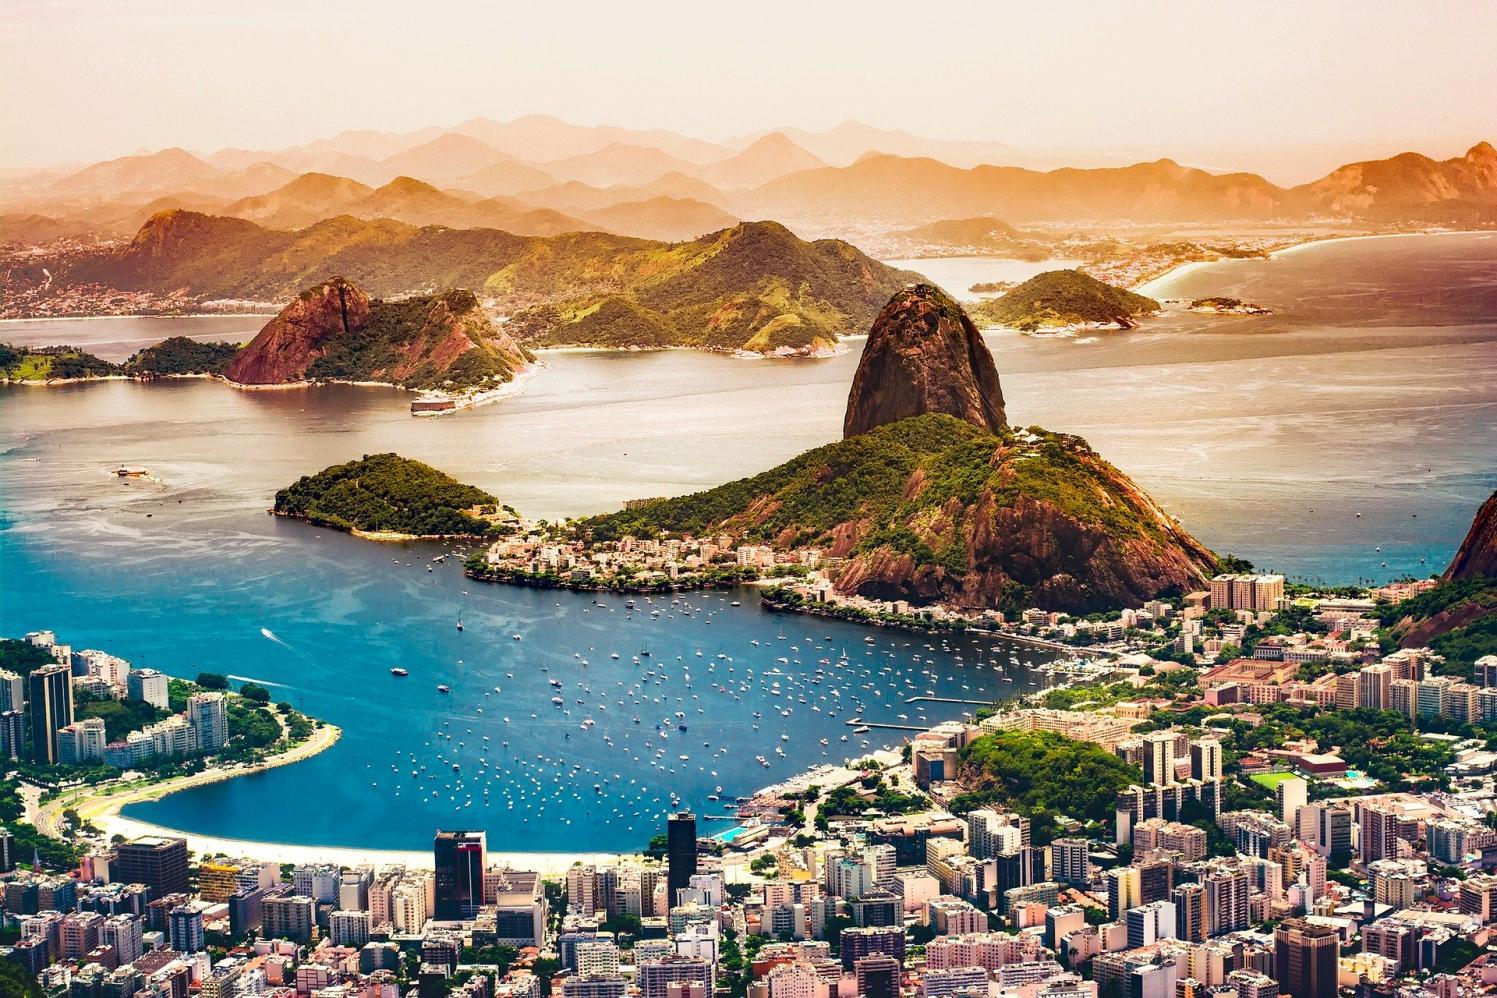 2020 promete para o turismo no Rio de Janeiro. Veja tudo o que você vai poder aproveitar na cidade maravilhosa